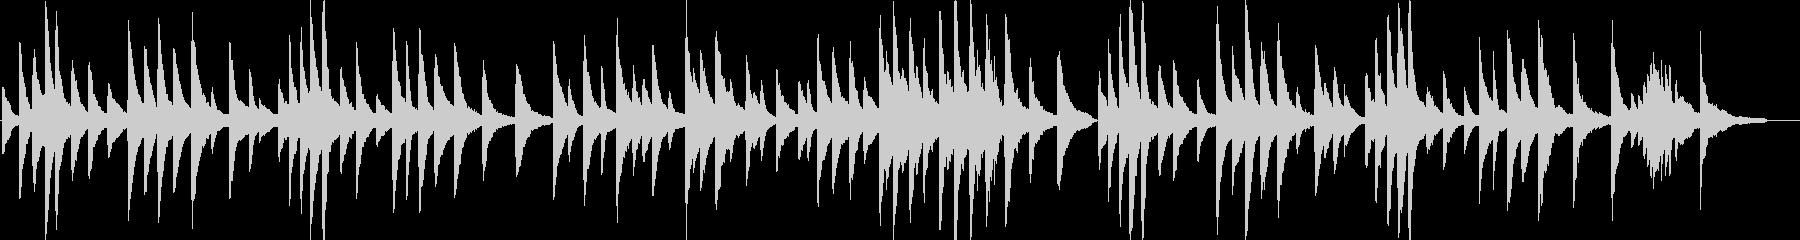 ピアノがメインの穏やかなバラードBGMの未再生の波形